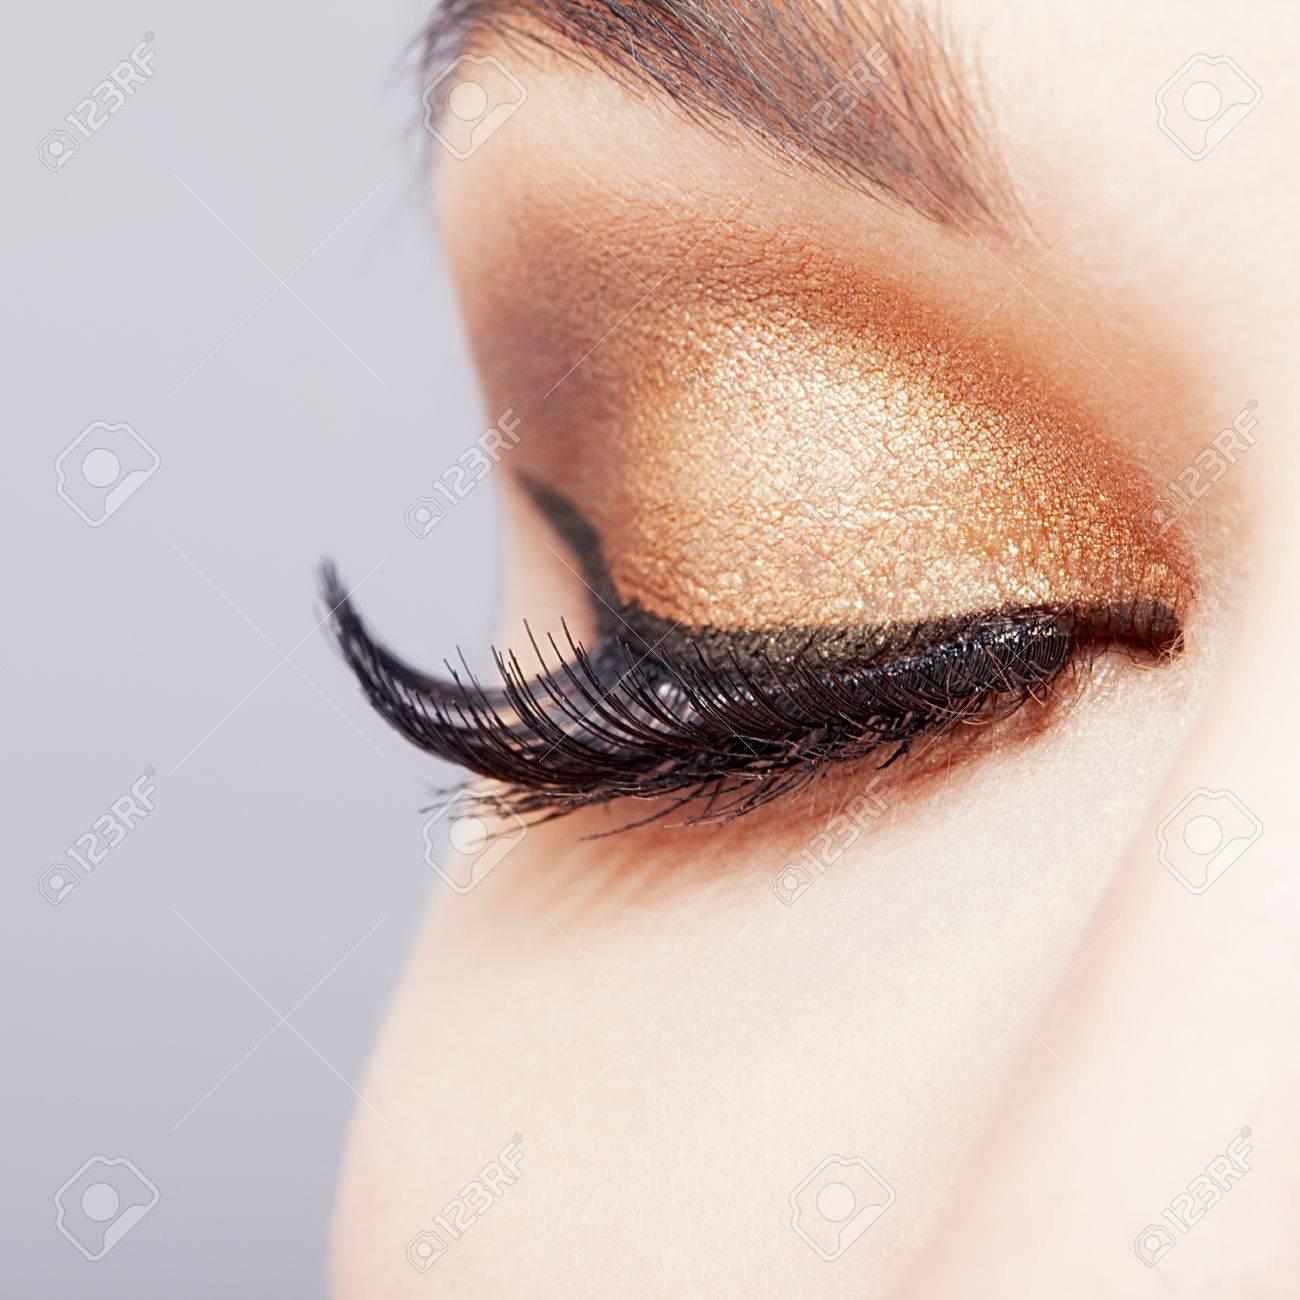 Female Closed Eye With Long Eyelashes Closeup Shot Stock Photo ...